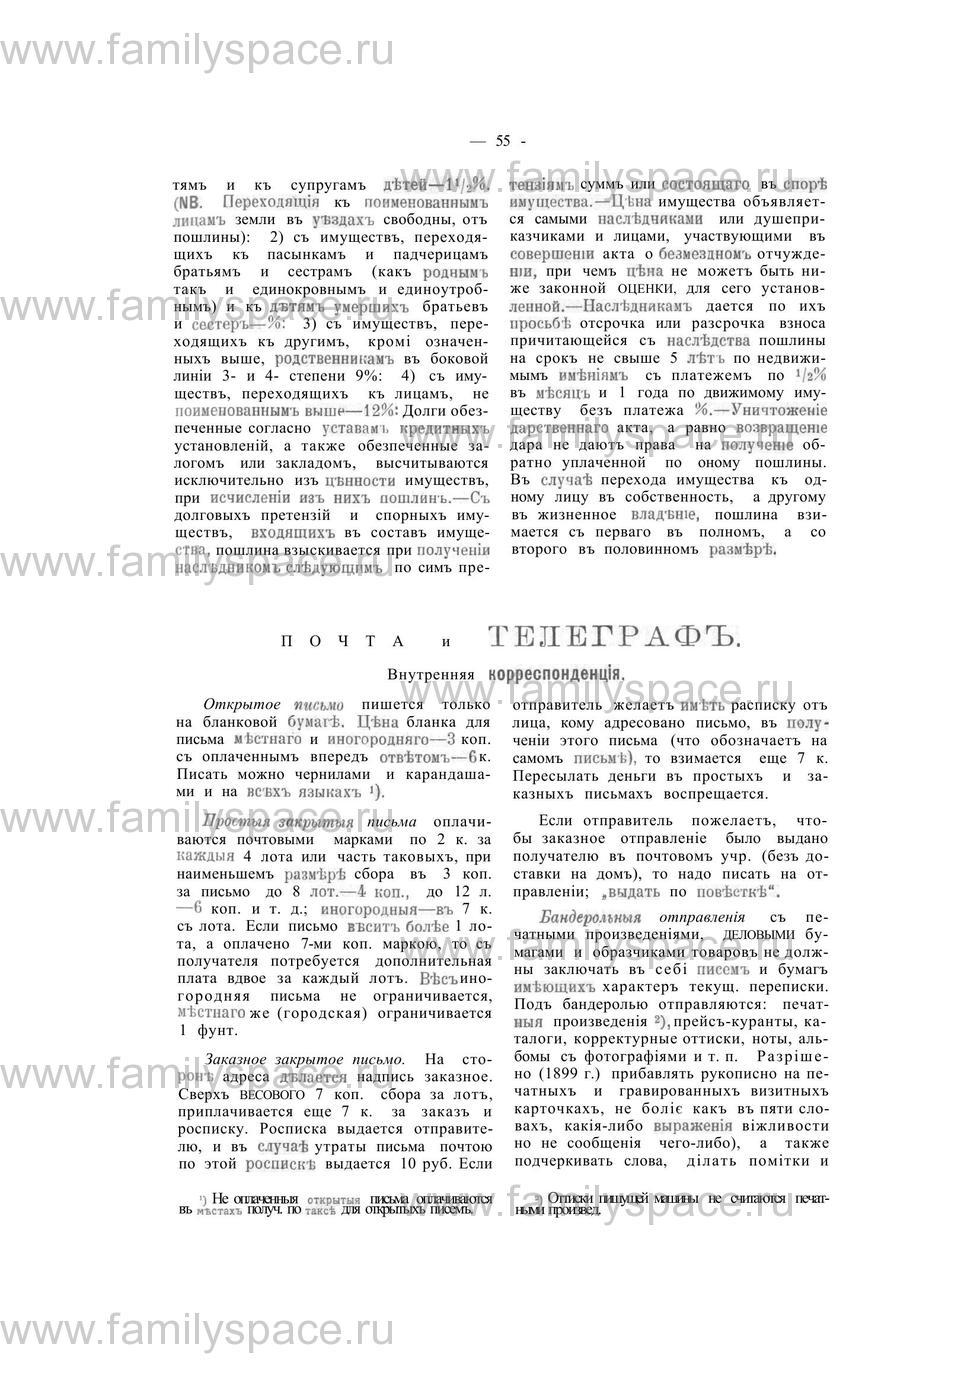 Поиск по фамилии - Екатеринославский адрес-календарь на 1913 год, страница 2055